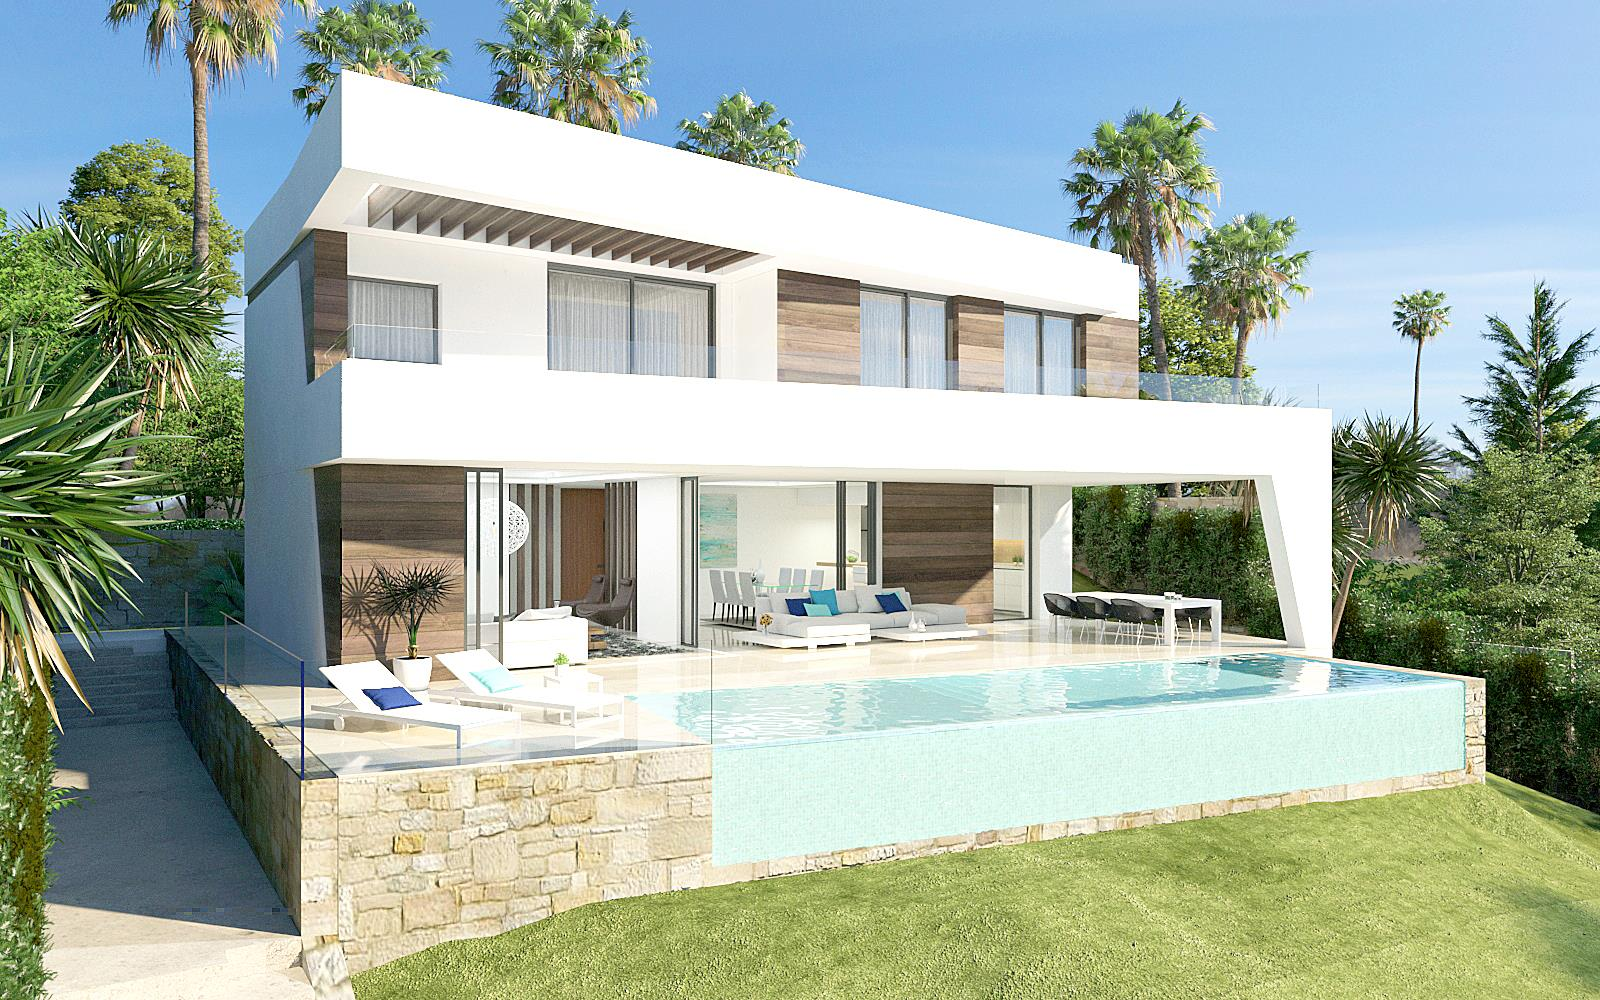 Villas en vente à Estepona MCO5181435